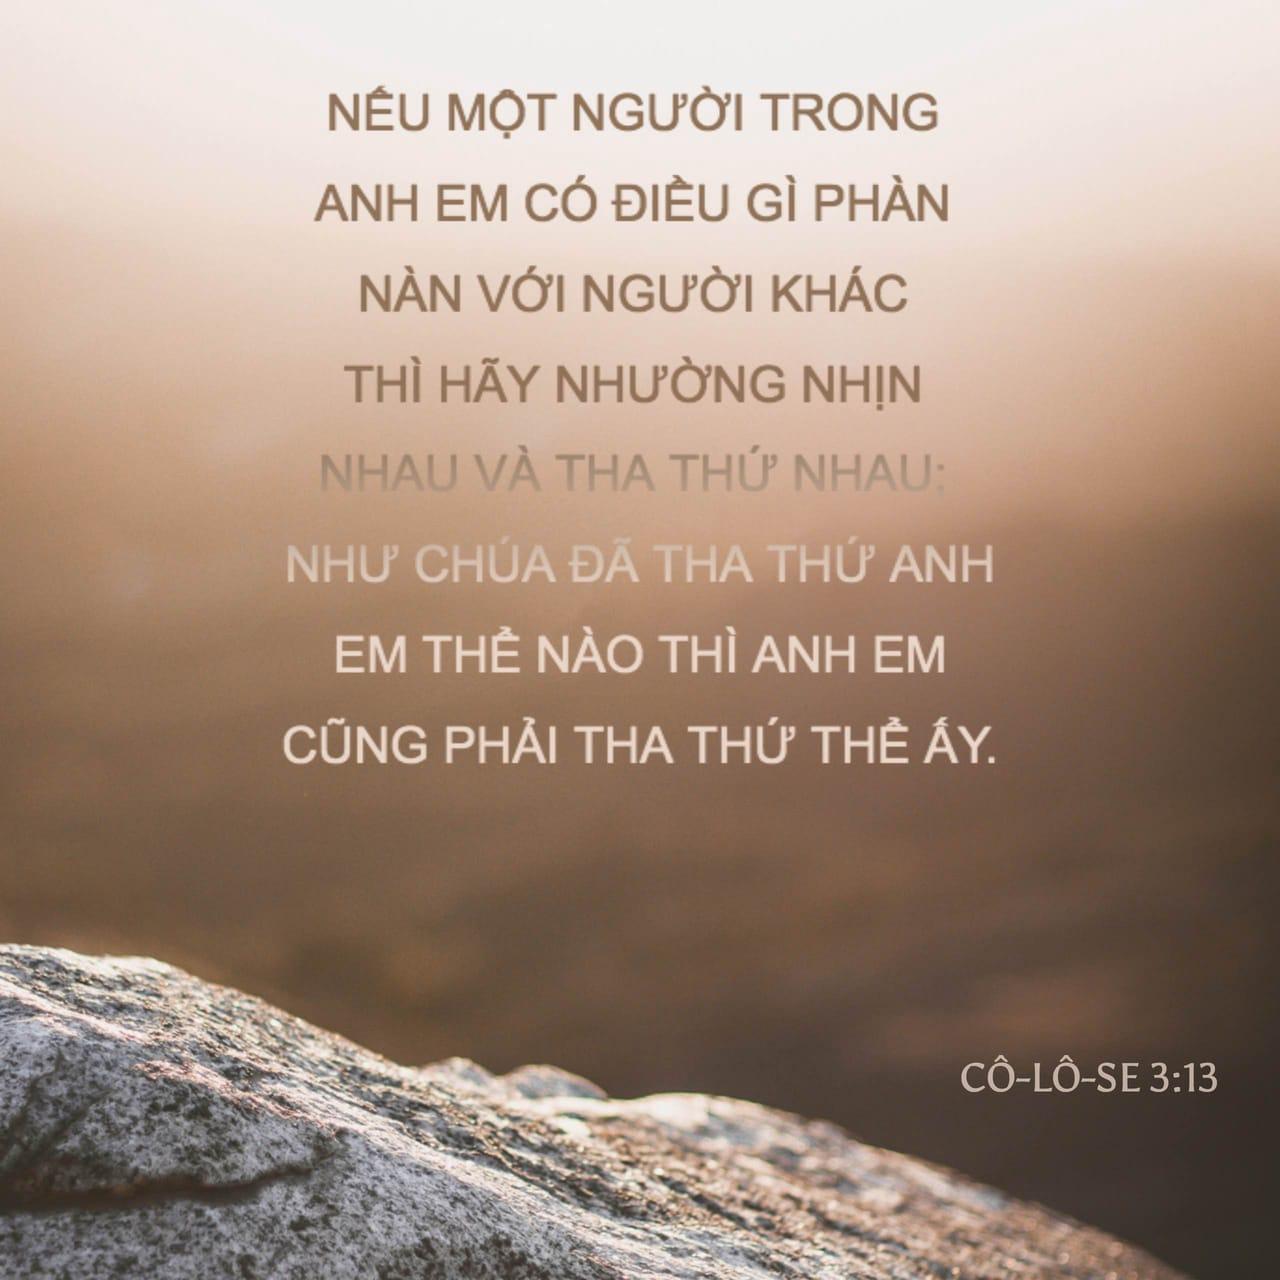 Cô-lô-se 3:13 Nếu một người trong anh em có điều gì phàn nàn với người khác  thì hãy nhường nhịn nhau và tha thứ nhau; như Chúa đã tha thứ anh em ...